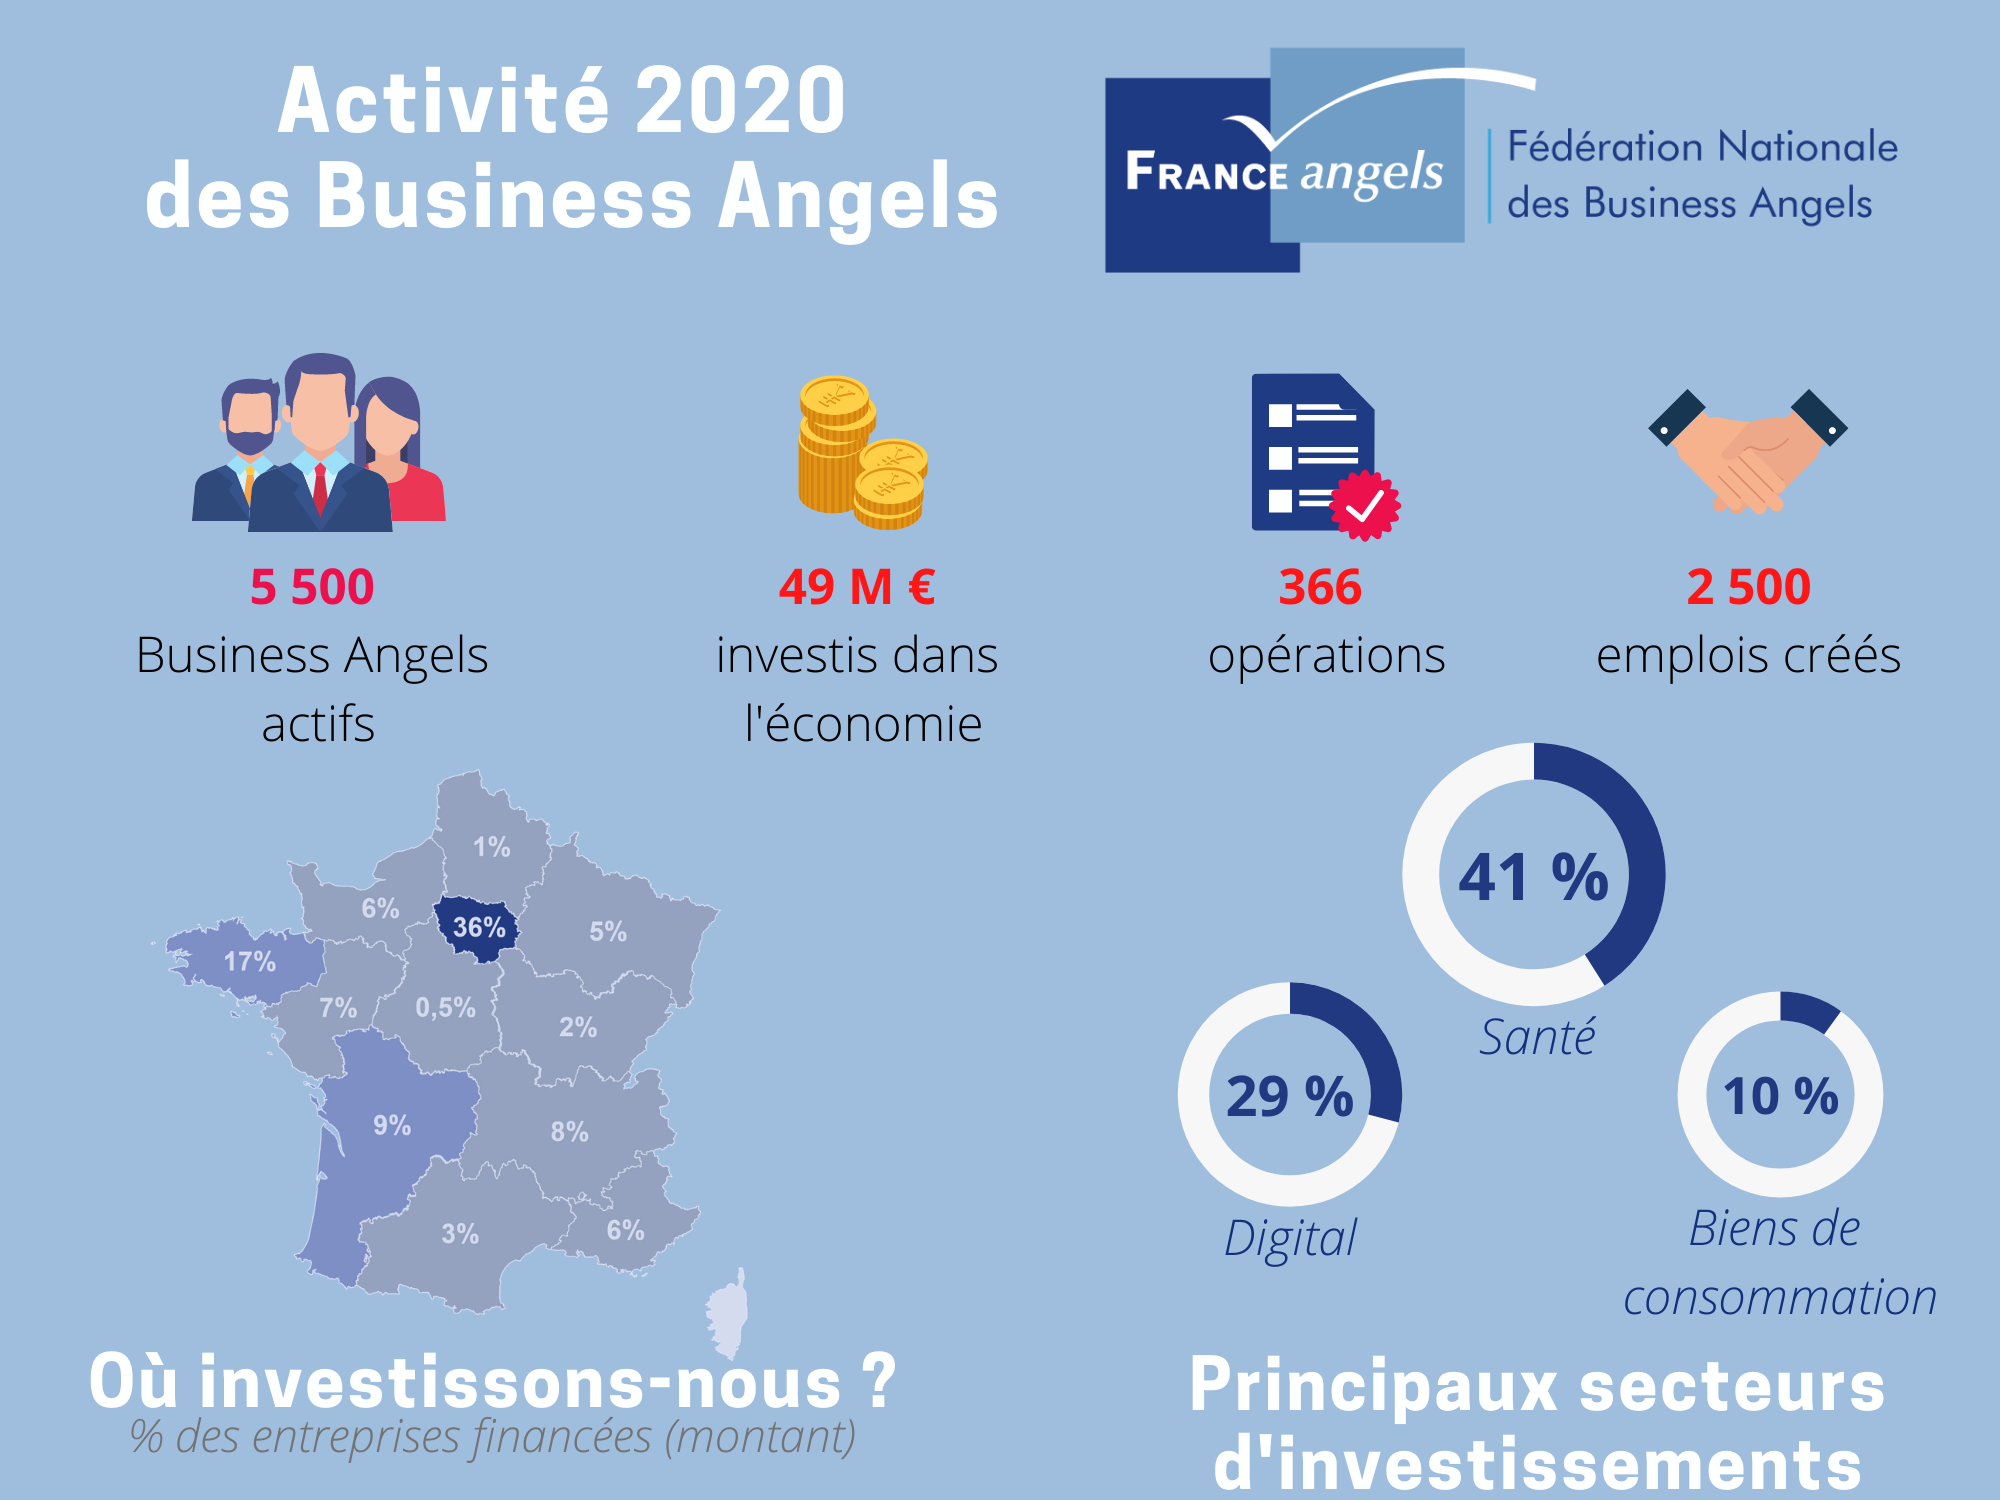 Bilan2020 de l'activité des business angels en France